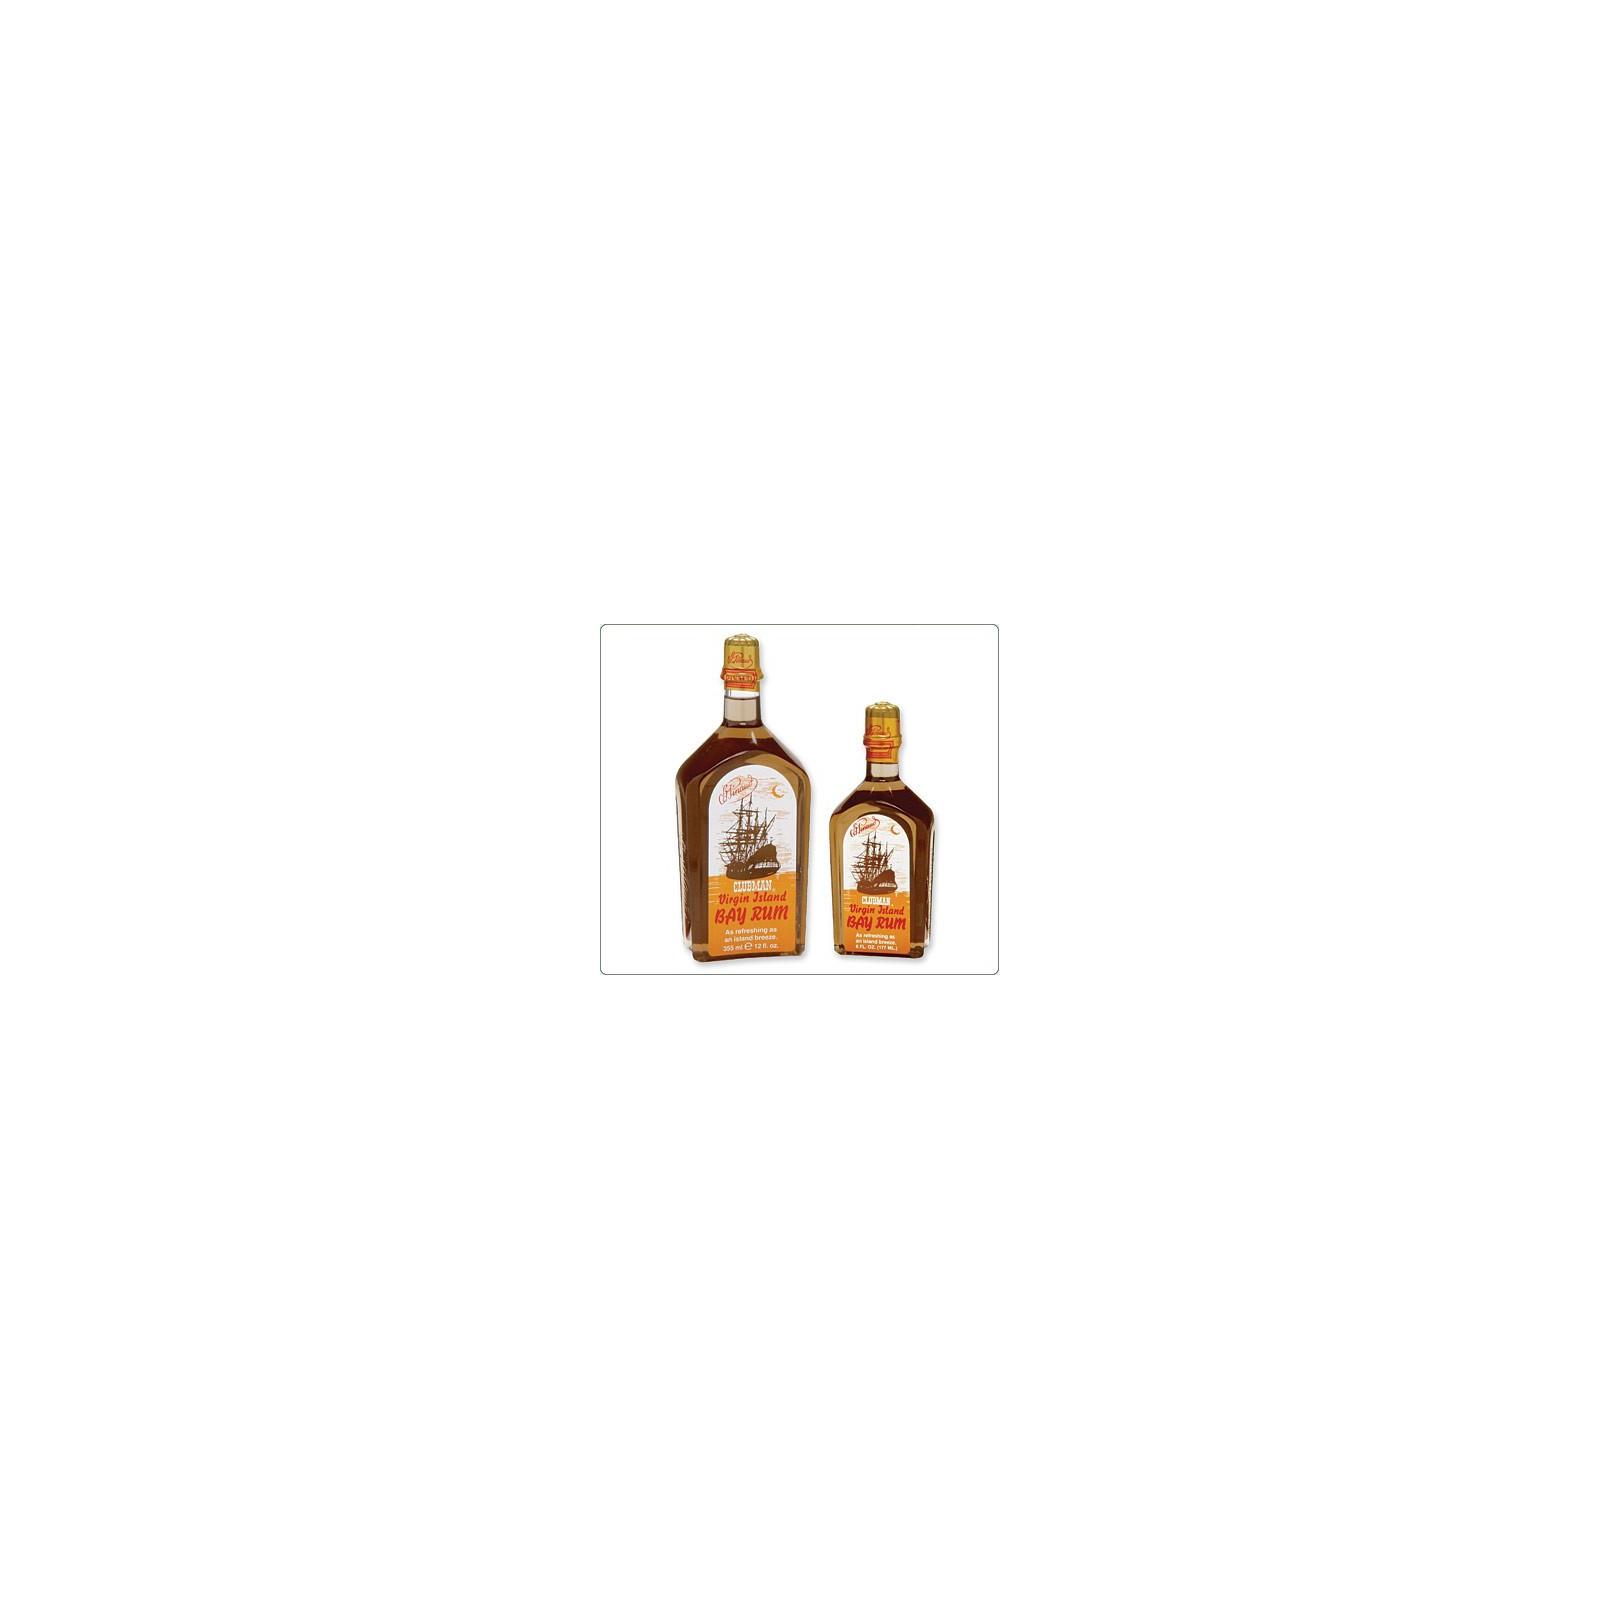 Après-Rasage Bay rum Reserve Pinaud